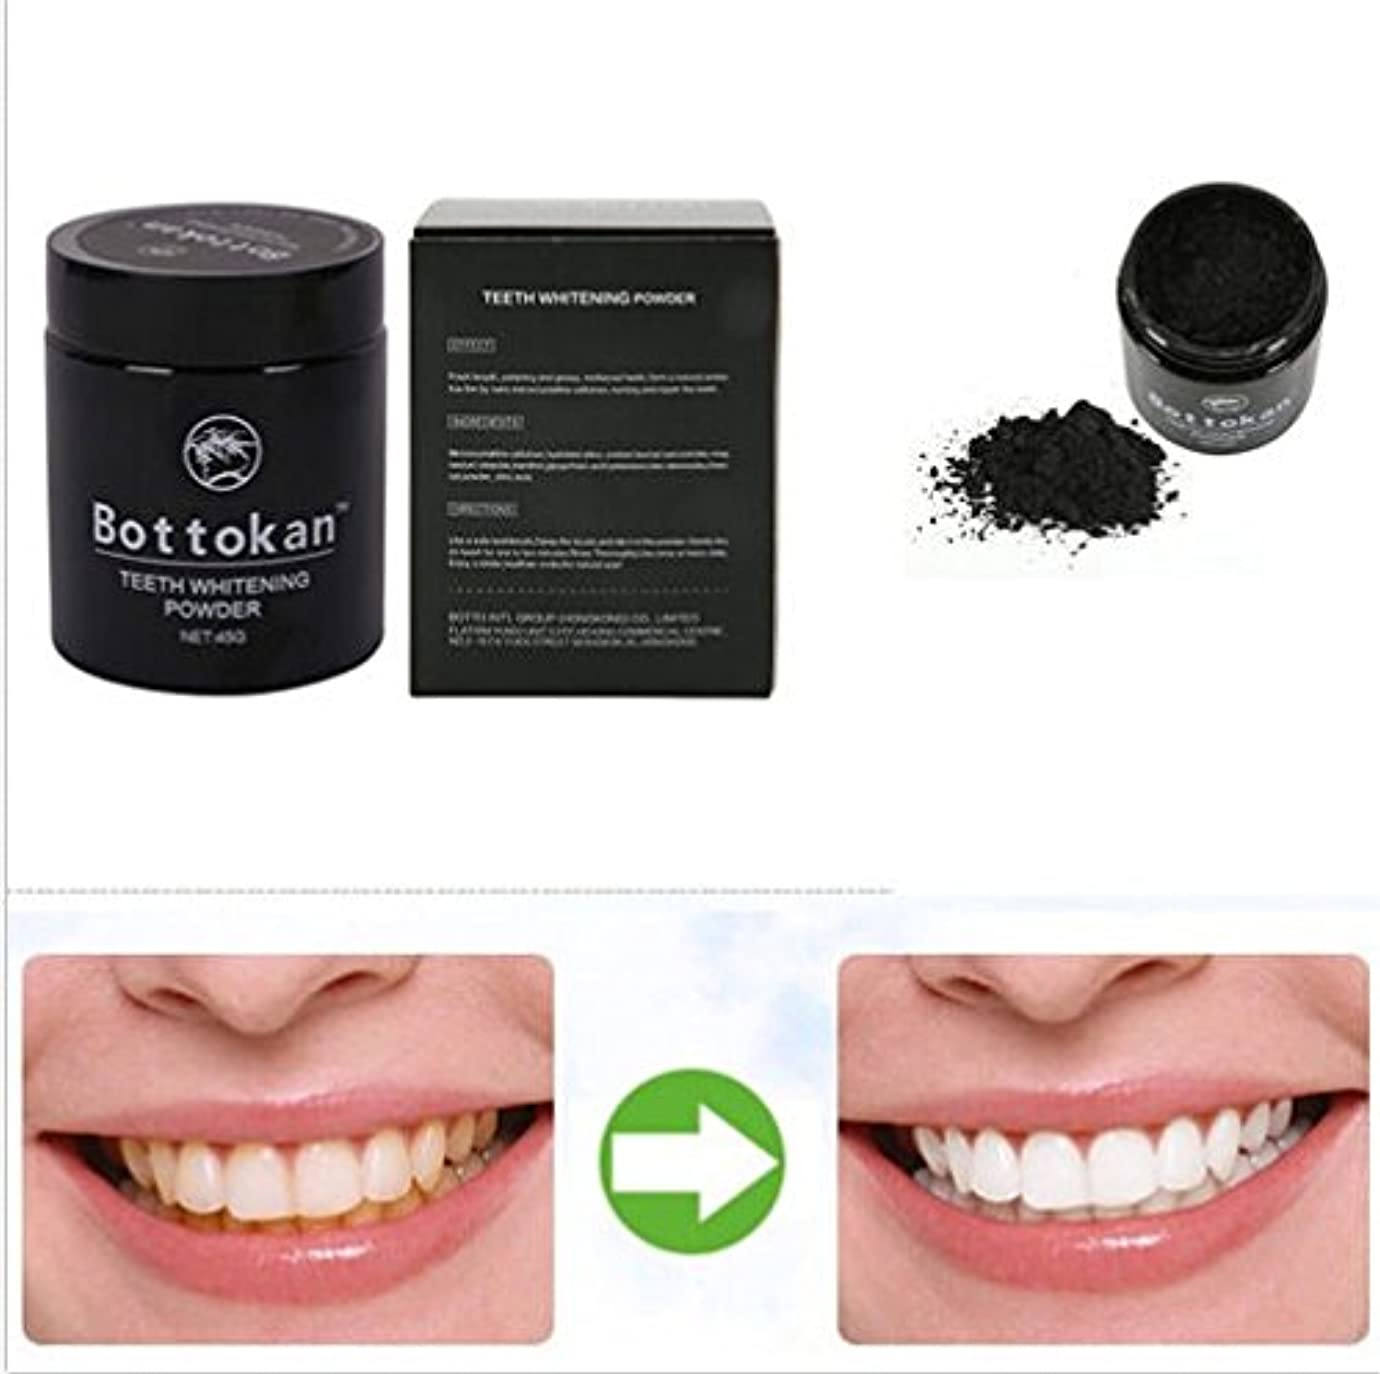 効率生命体植木歯磨きパウダー 食べる活性炭 チャコールパーティクル 竹炭パウダー 45g 黒缶